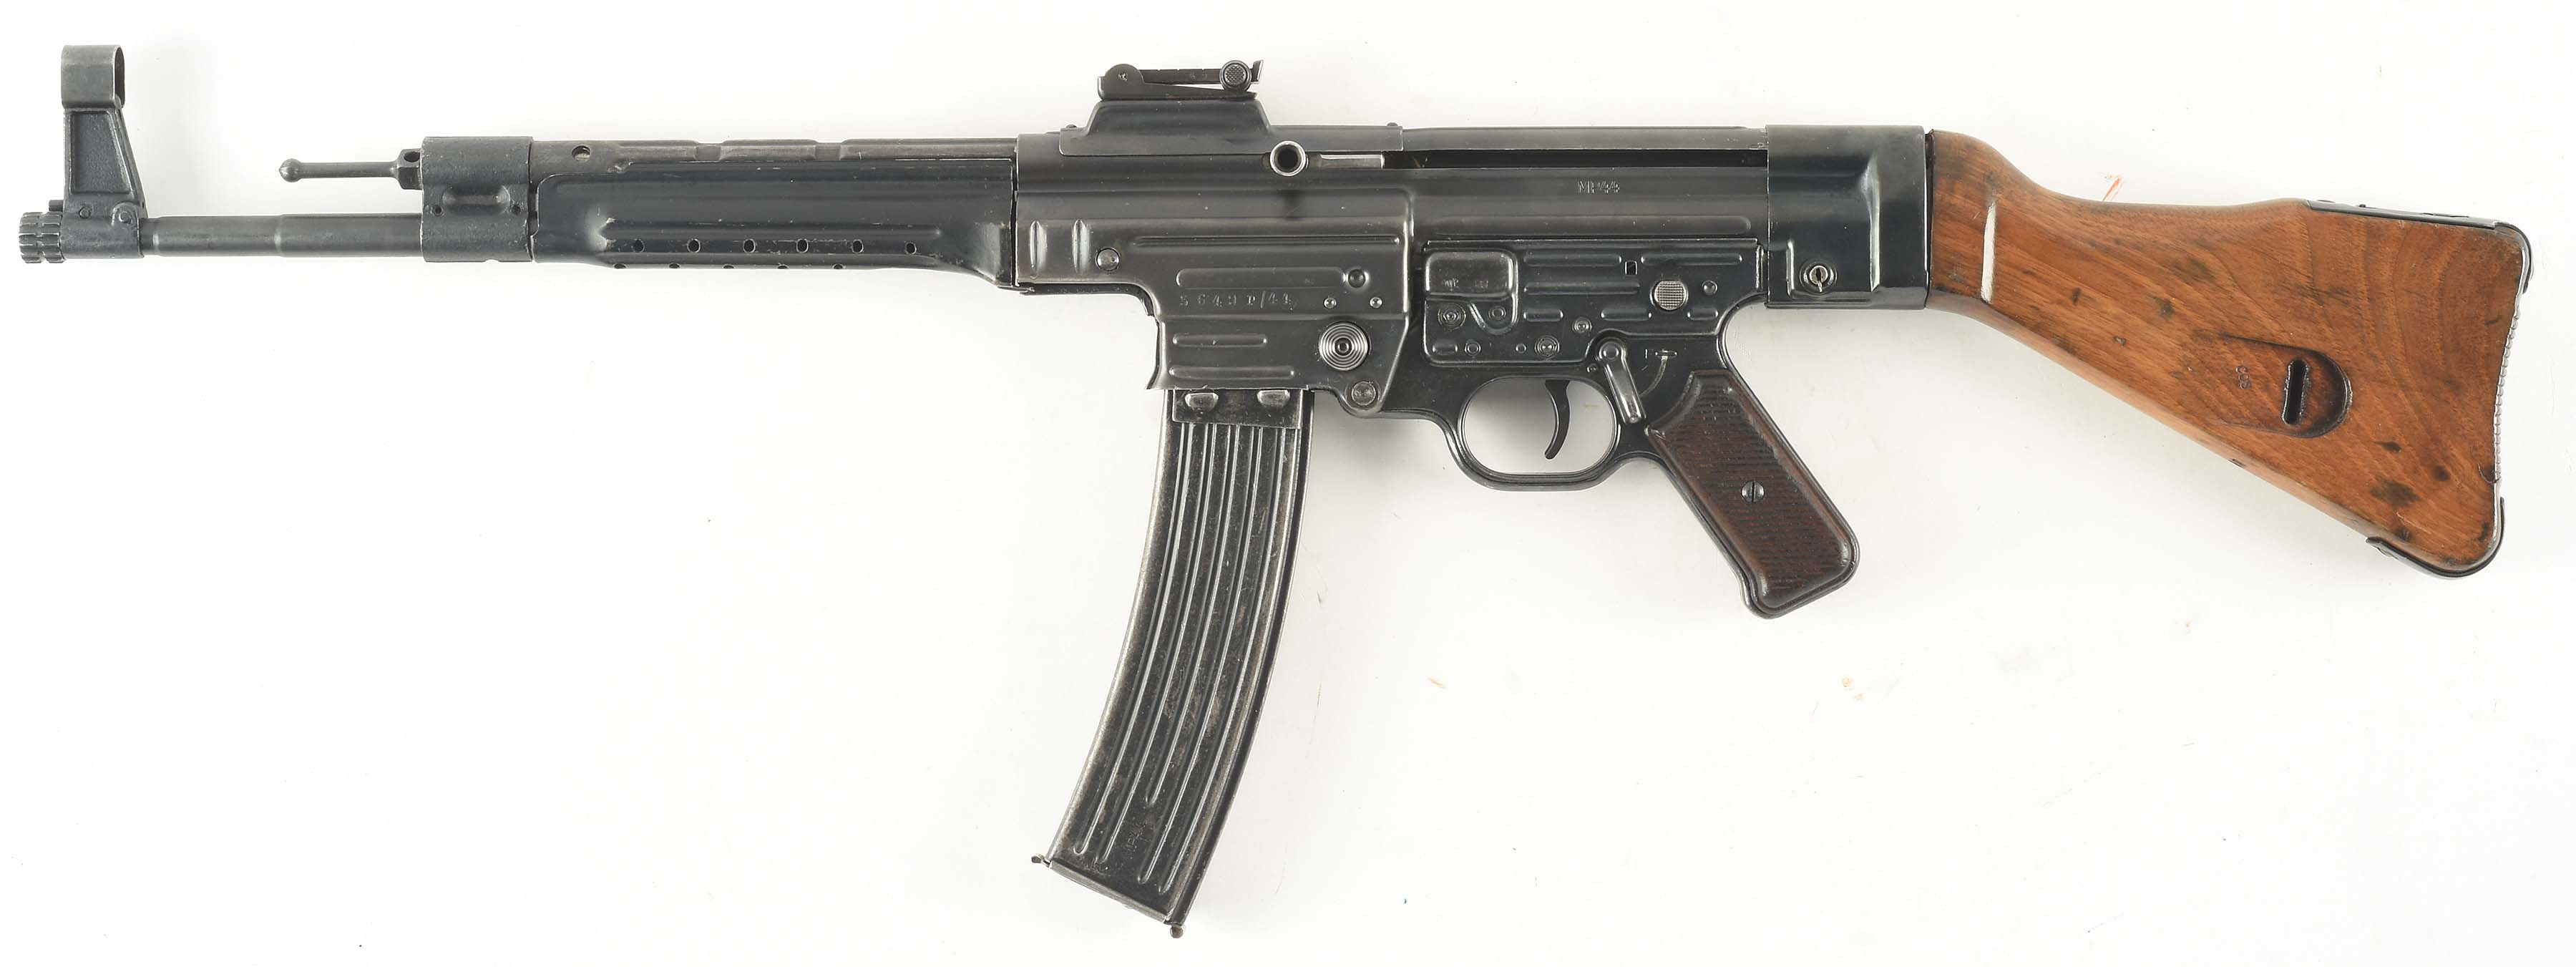 Lot Detail - (N) HIGHLY DESIRABLE GERMAN MP-44 MACHINE GUN